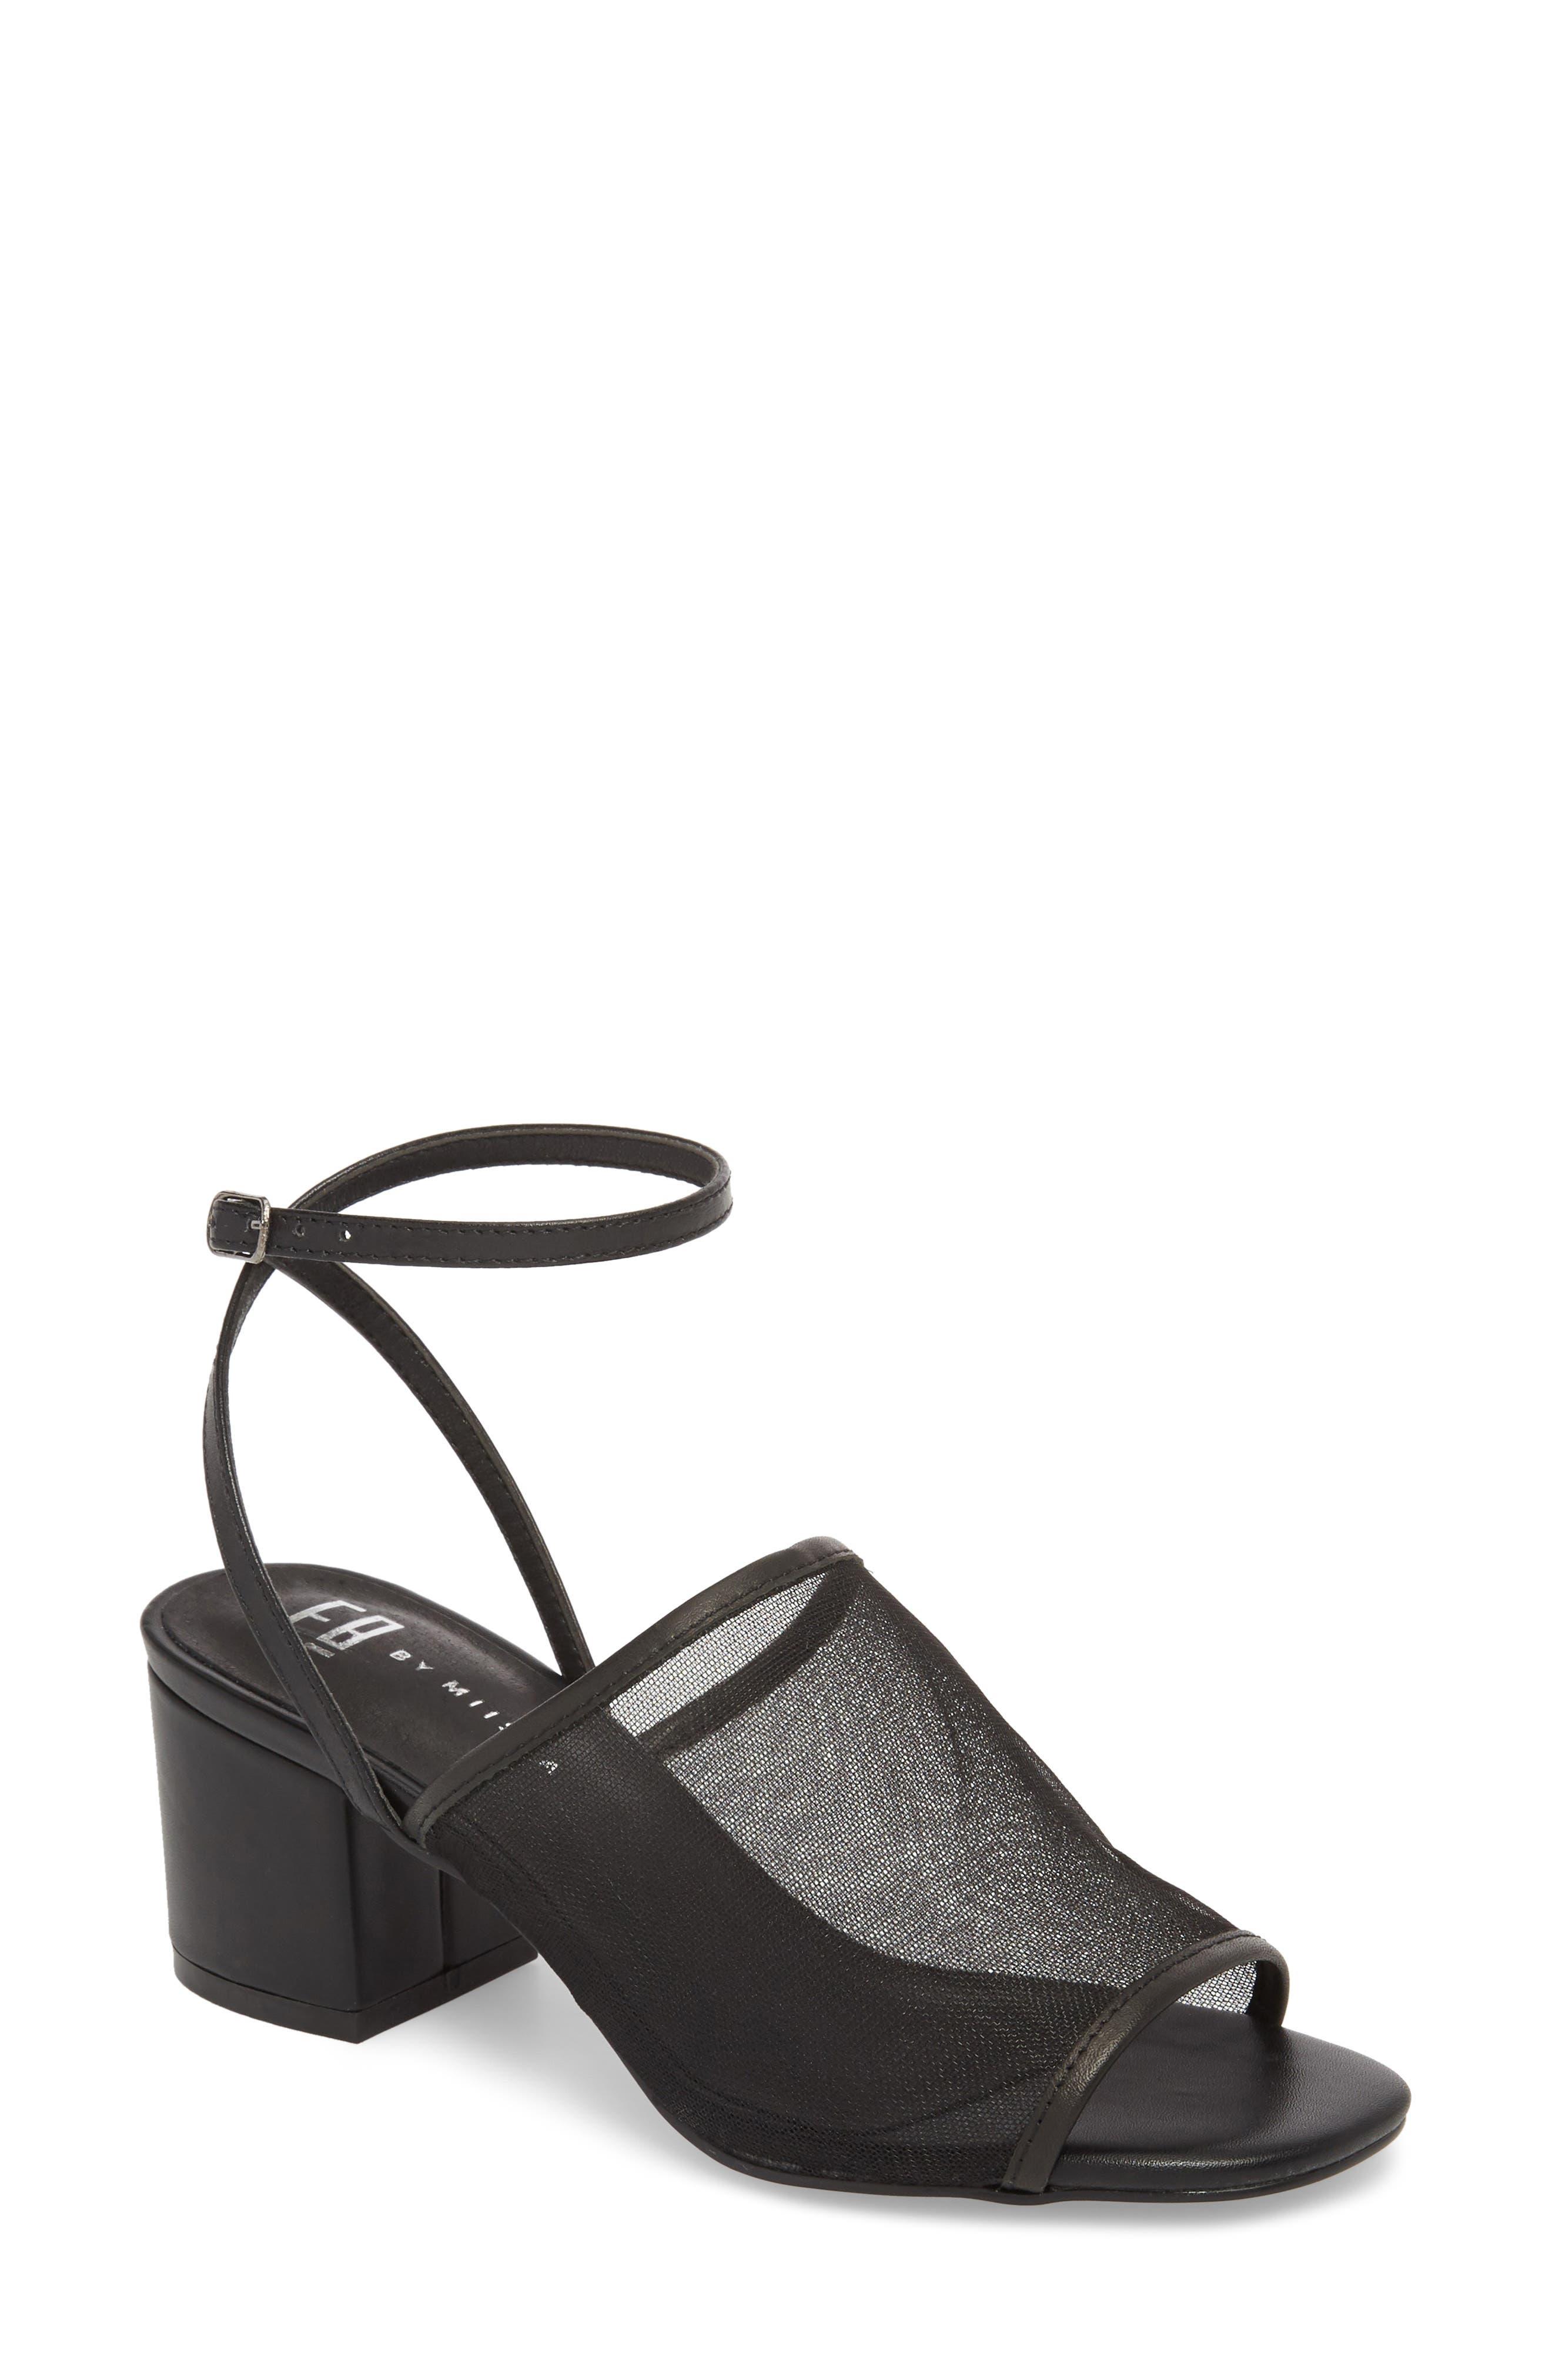 Jenson Mesh Sandal,                         Main,                         color, Black Mesh Fabric